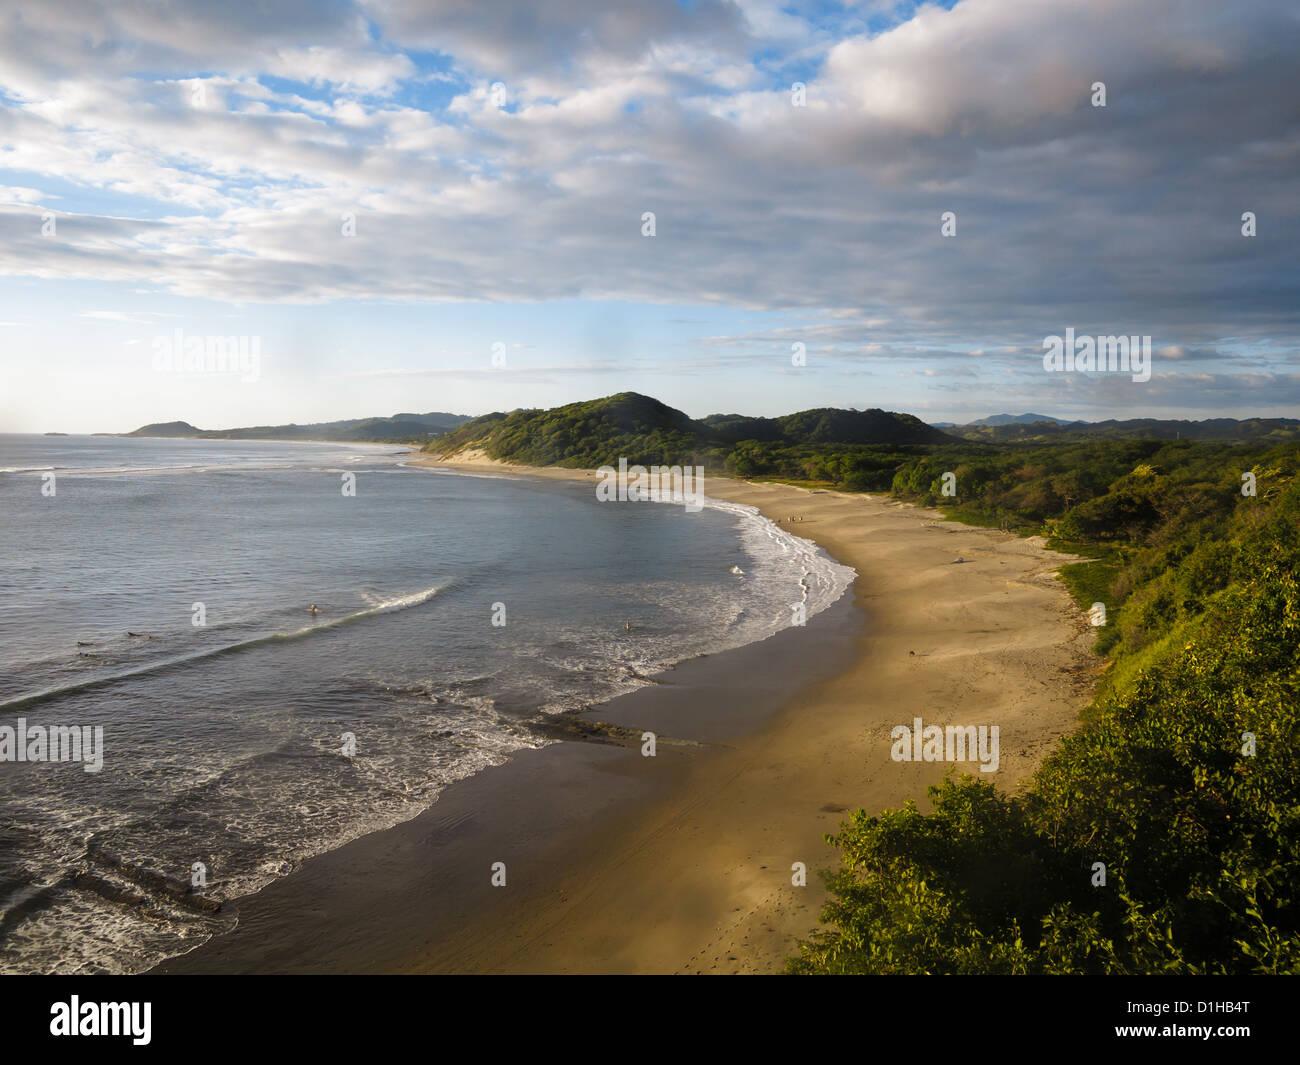 Ruhige Küste von Nicaragua in Mittelamerika mit einsamen Sandstrand bei Ebbe und grünem Laub. Stockfoto